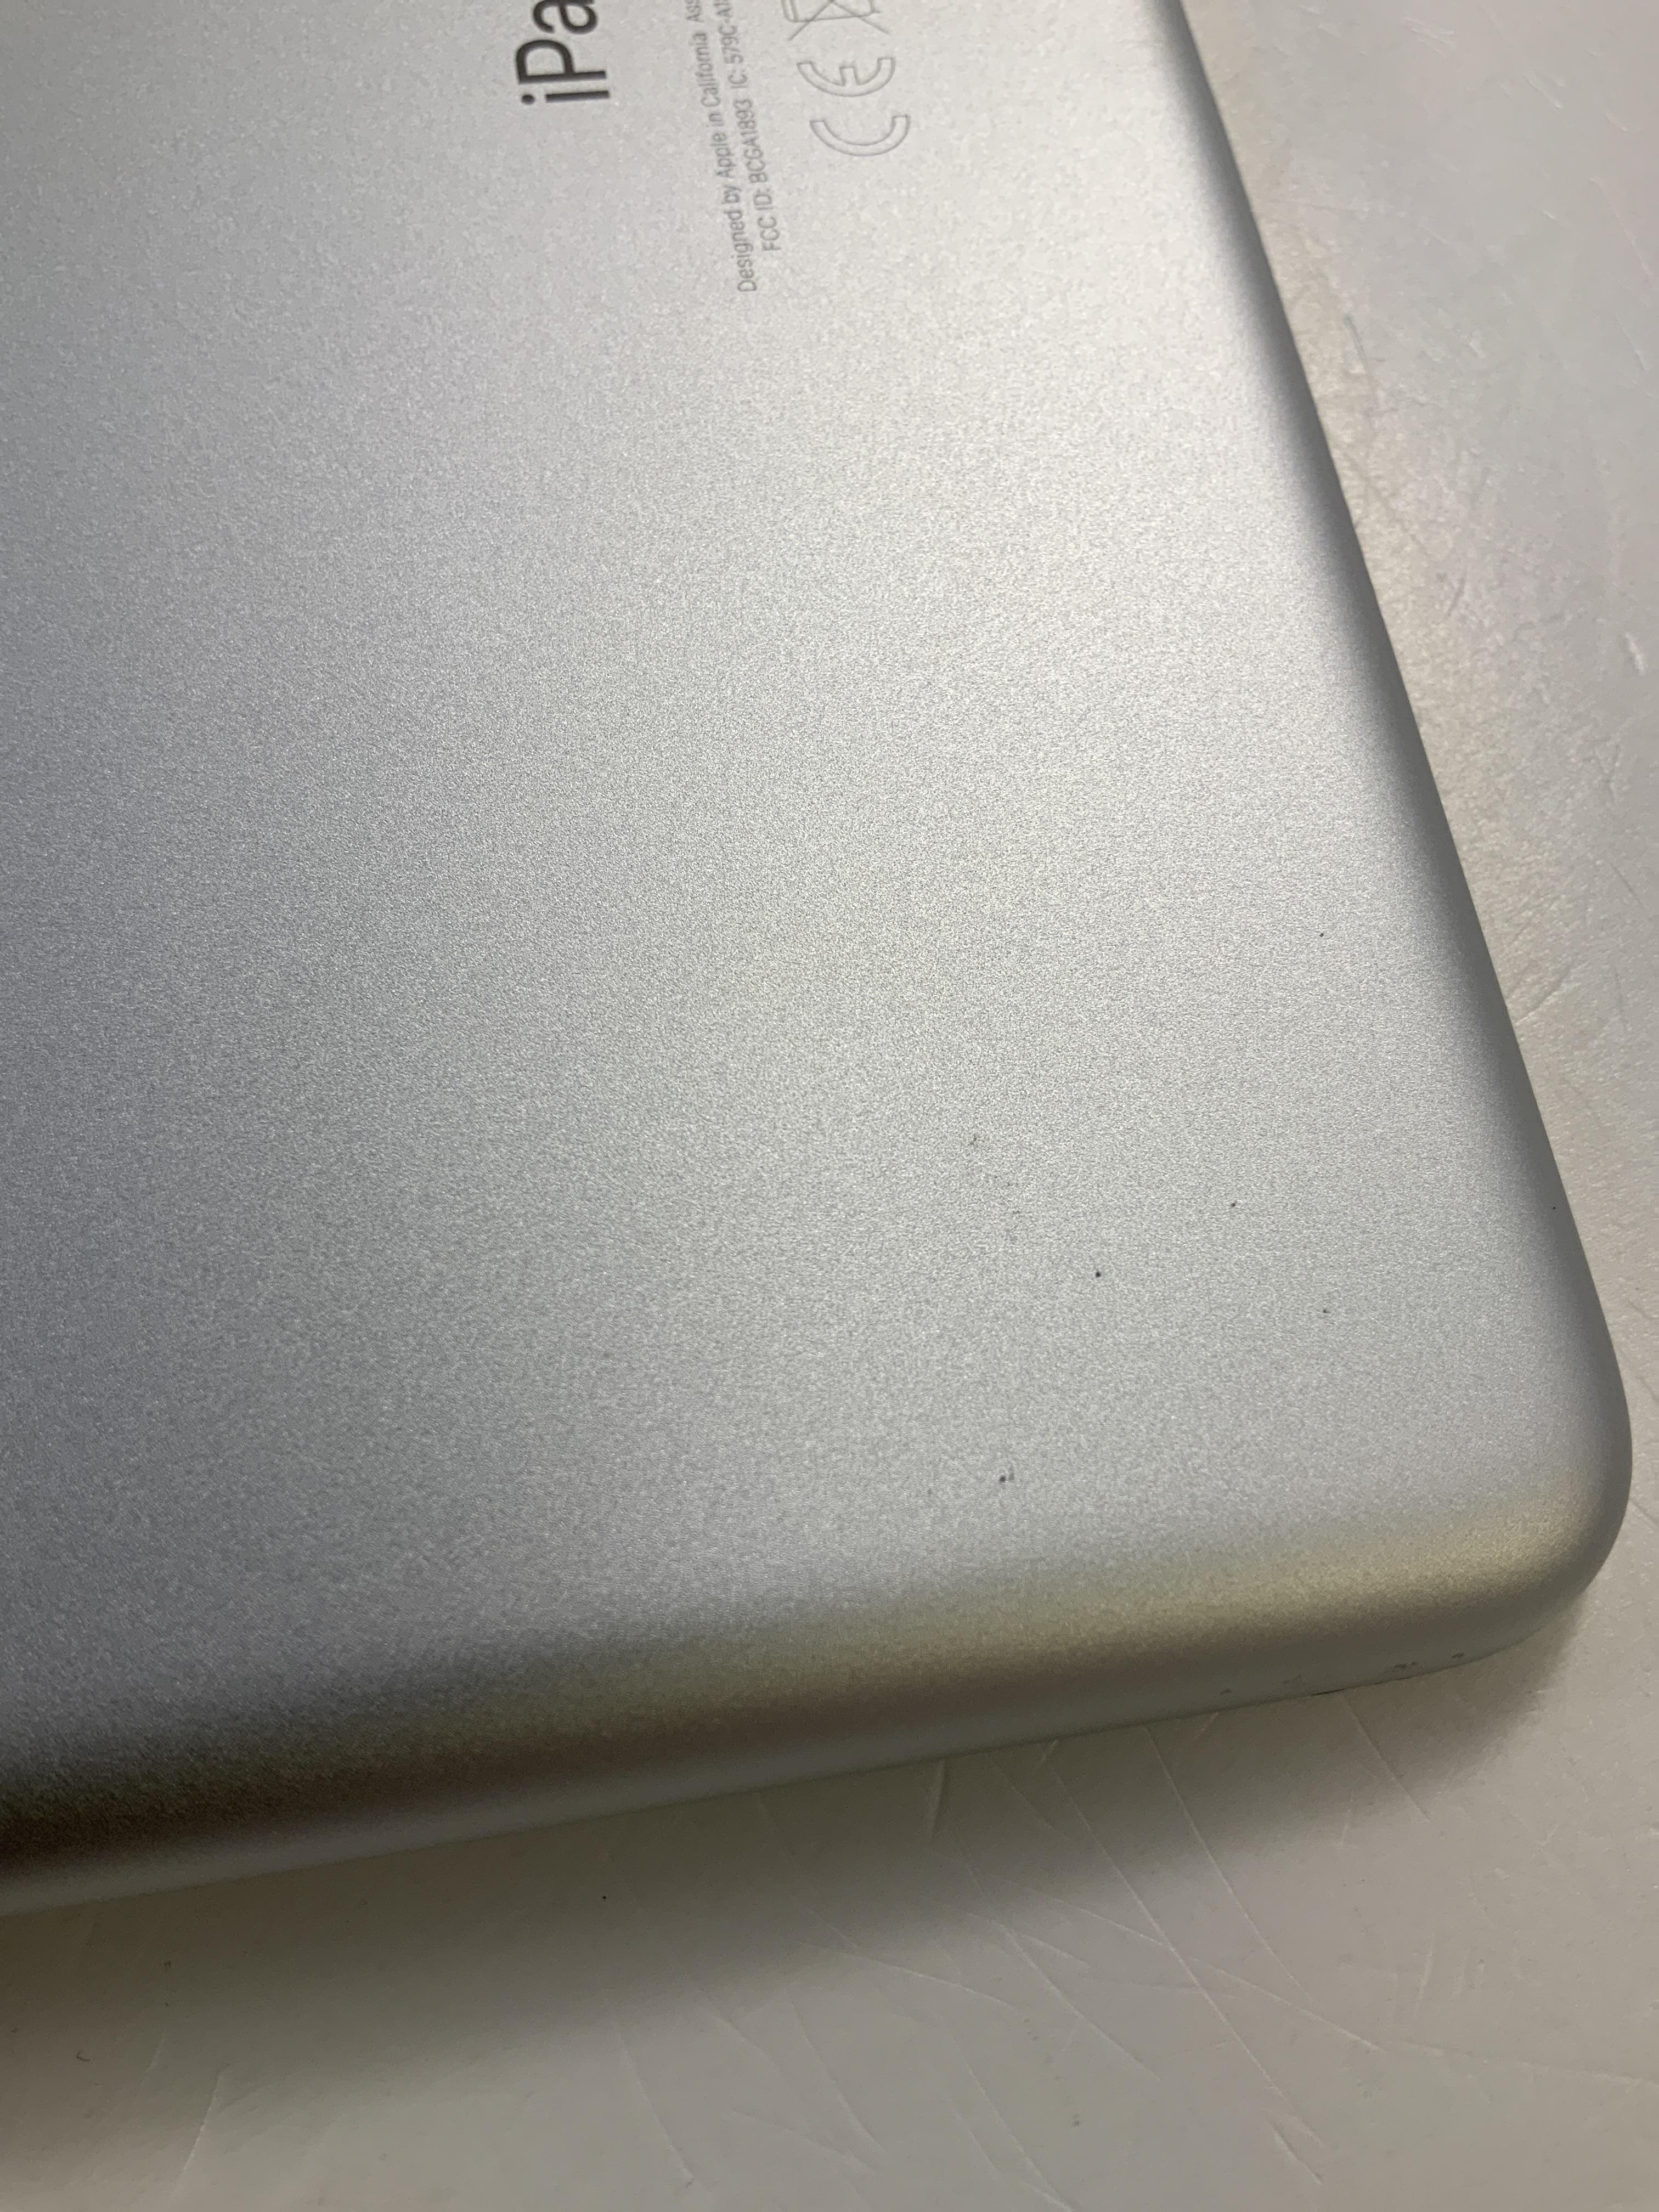 iPad 6 Wi-Fi 32GB, 32GB, Silver, obraz 3